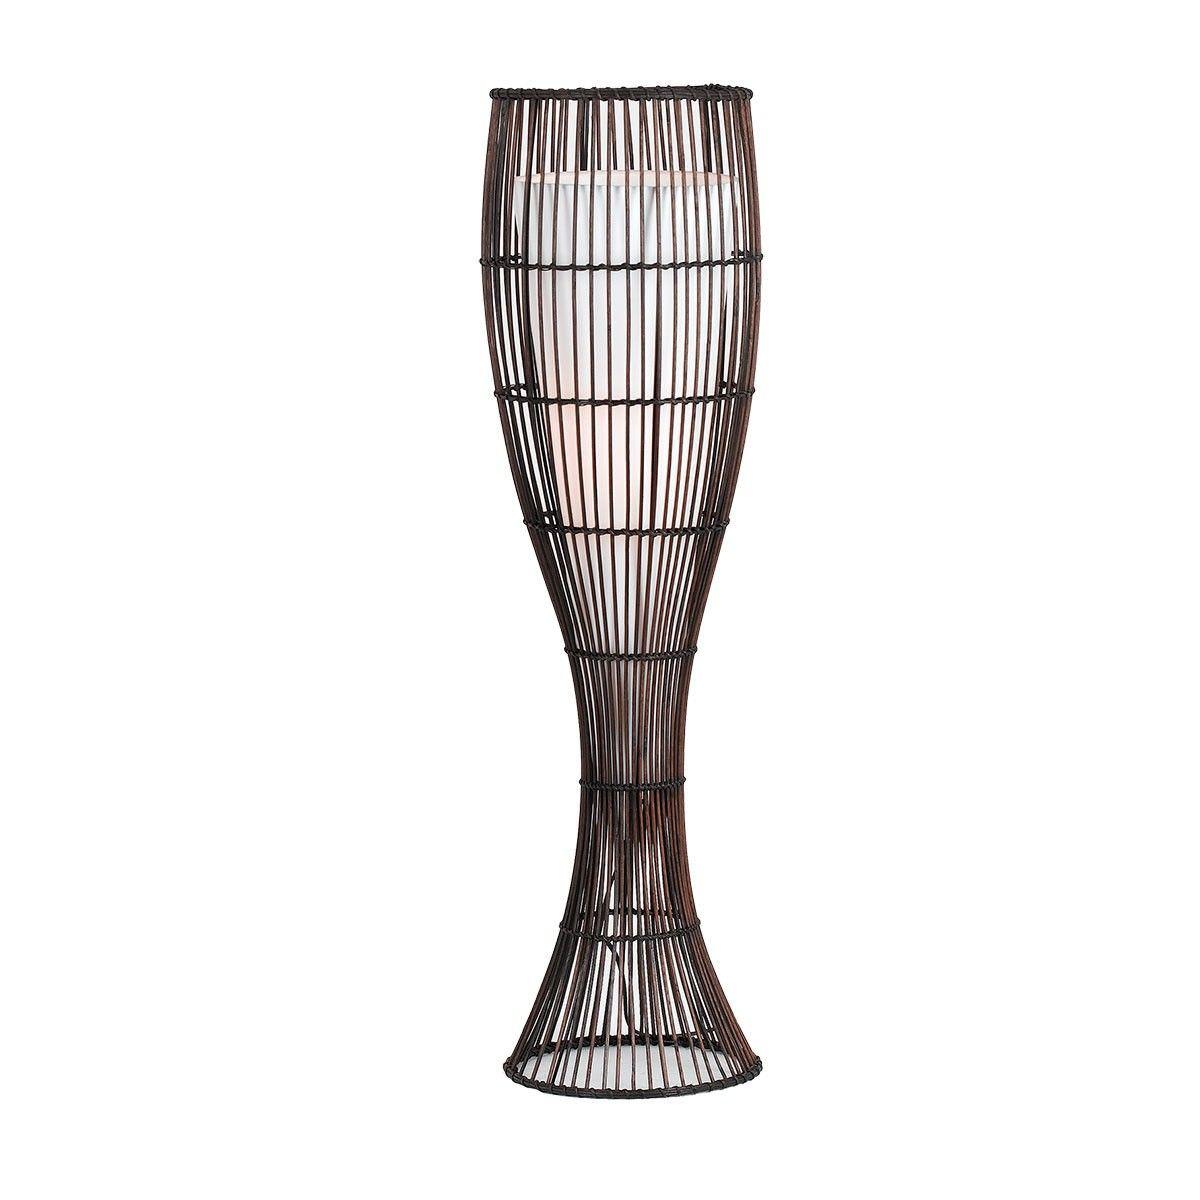 Maluka Rattan Floor Lamp, Large